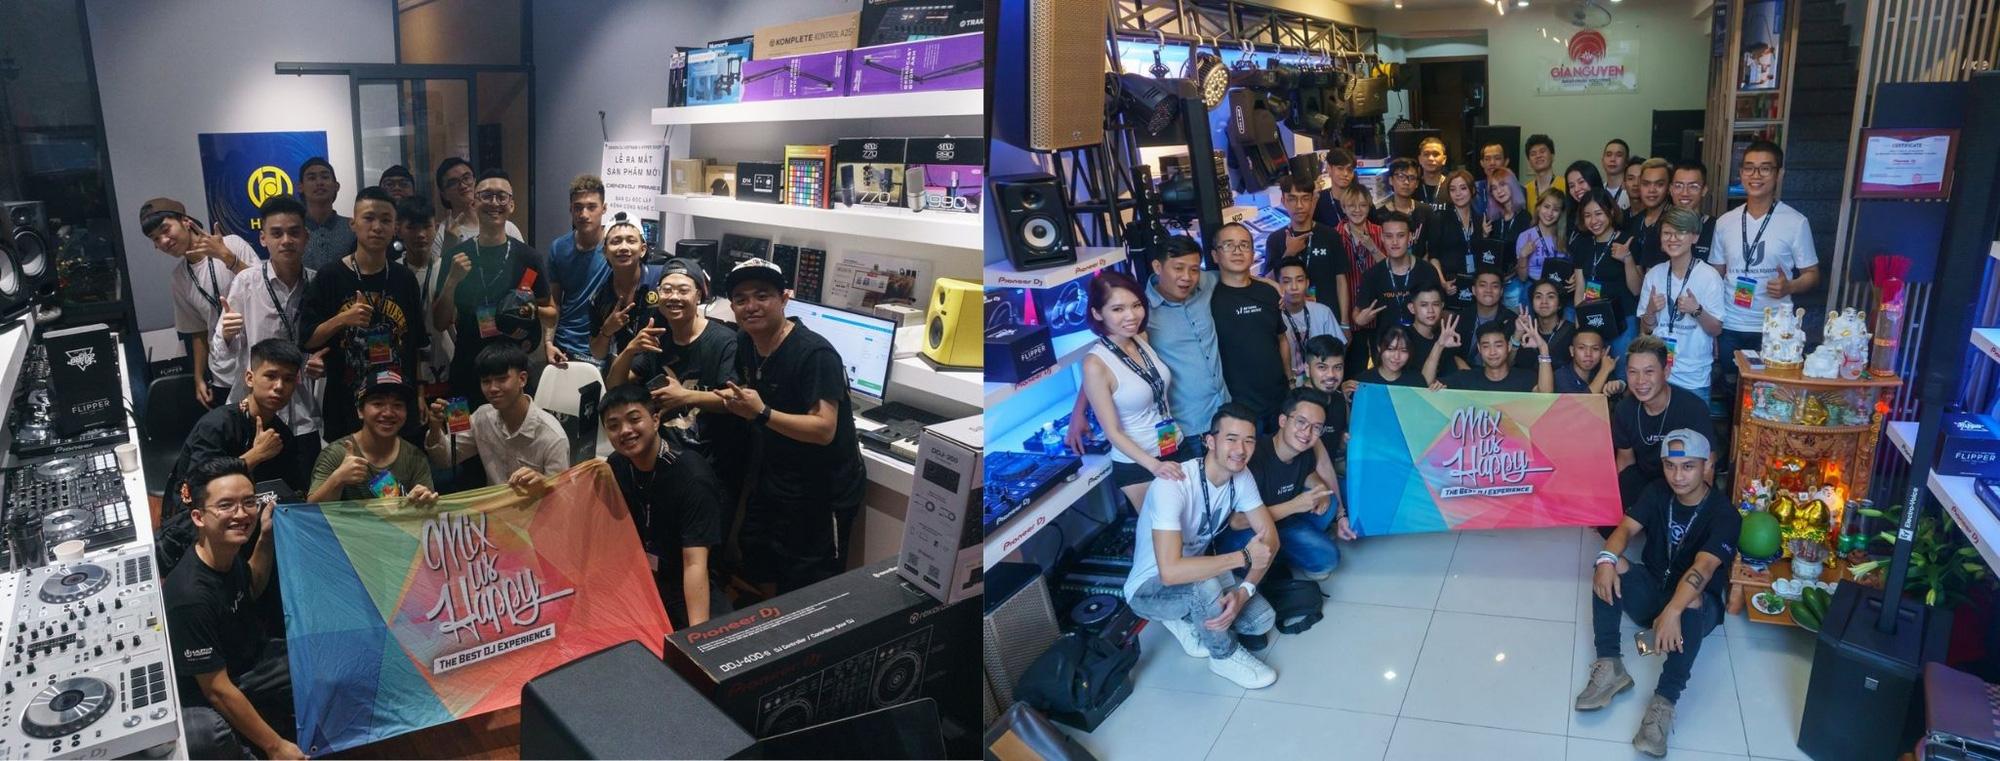 Đêm chung kết Mix Us Happy Vietnam - hành trình âm nhạc mơ ước dành cho tất cả mọi người - Ảnh 2.